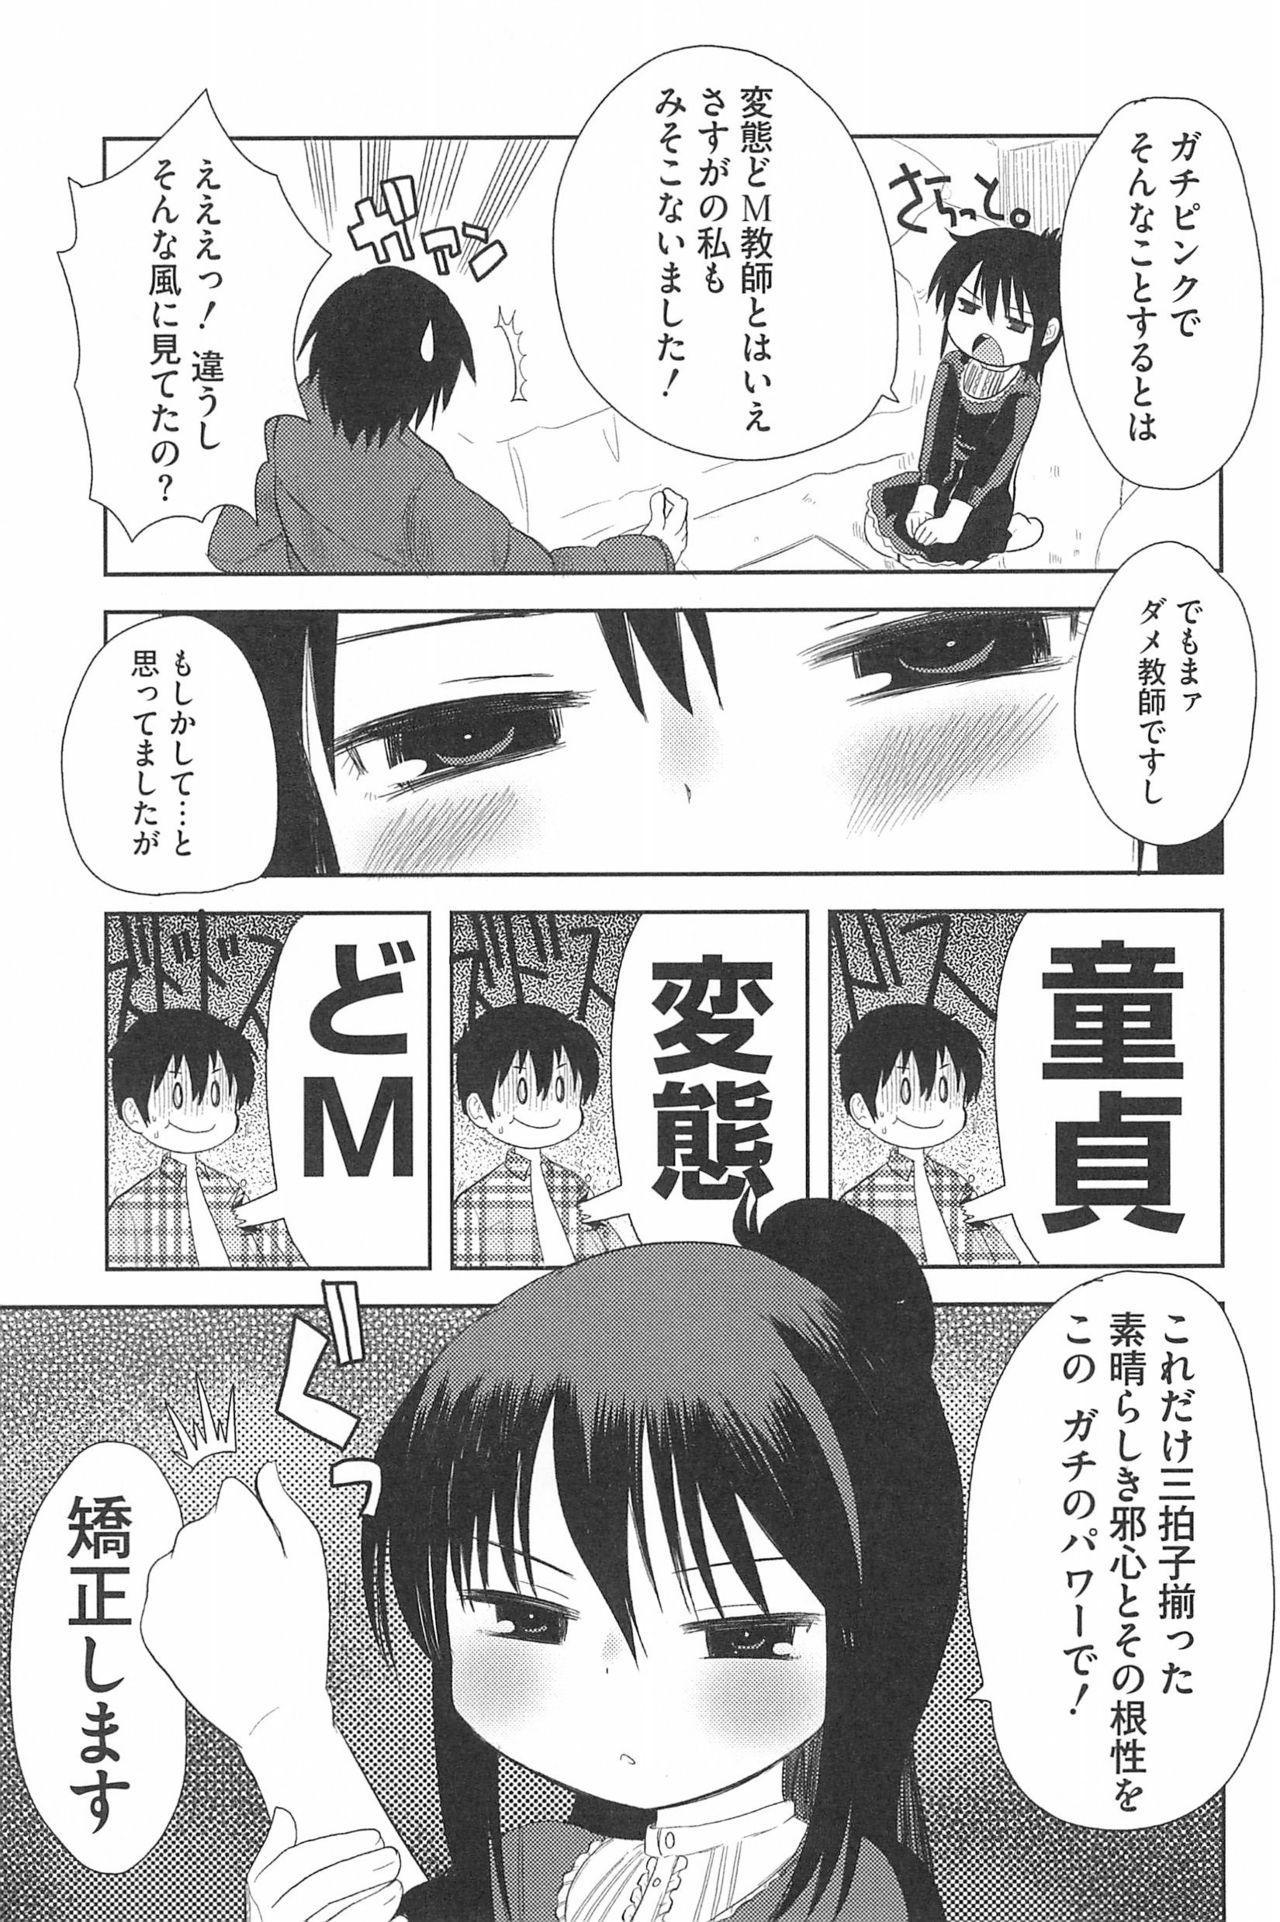 [Anthology] 3-tsugo 3 Shimai no Seiyoku wa 3-bai (Mitsudomoe) 142